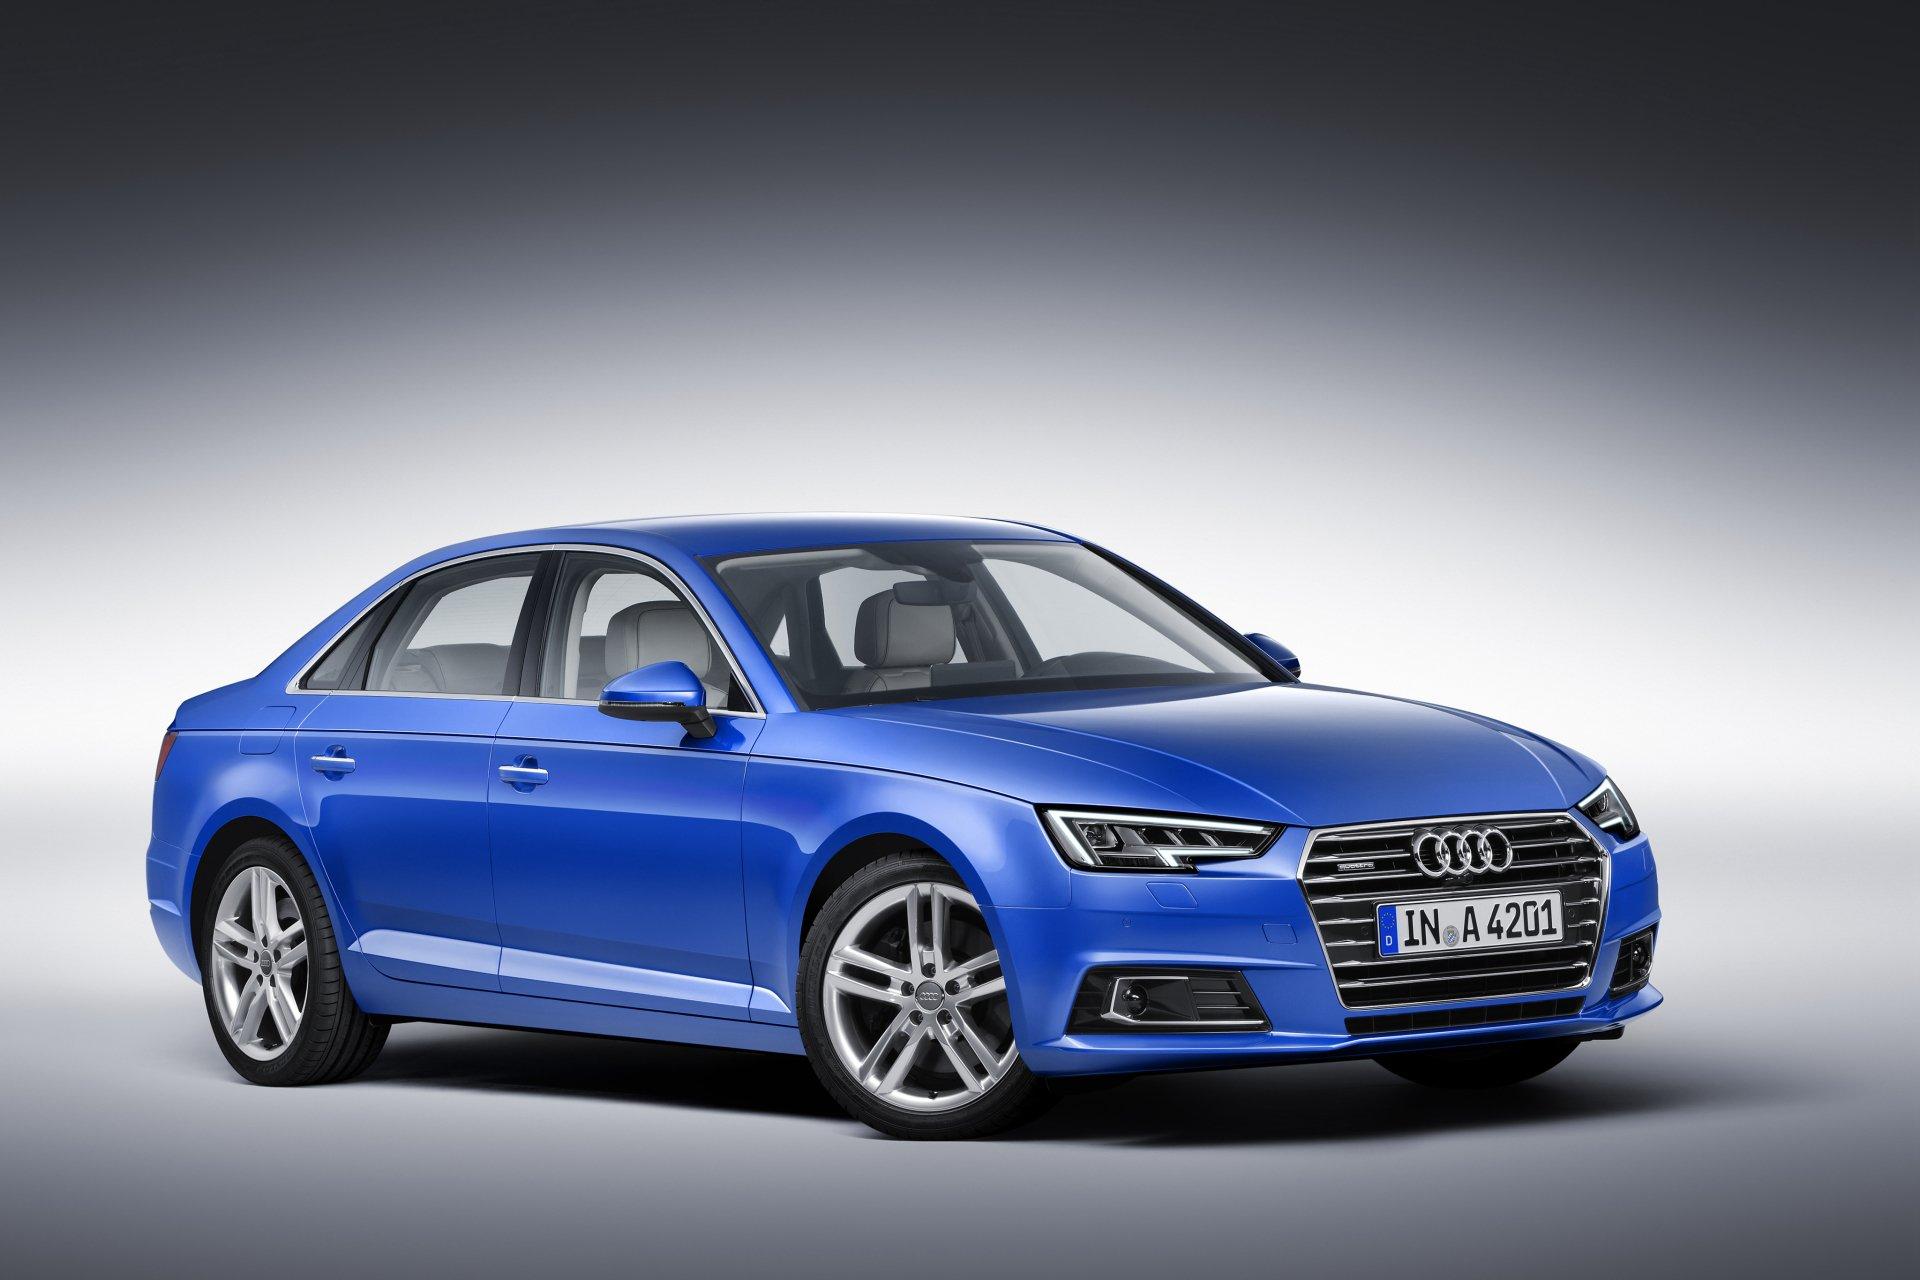 座驾 - Audi A4  奧迪 Blue Car 汽车 交通工具 Luxury Car 壁纸